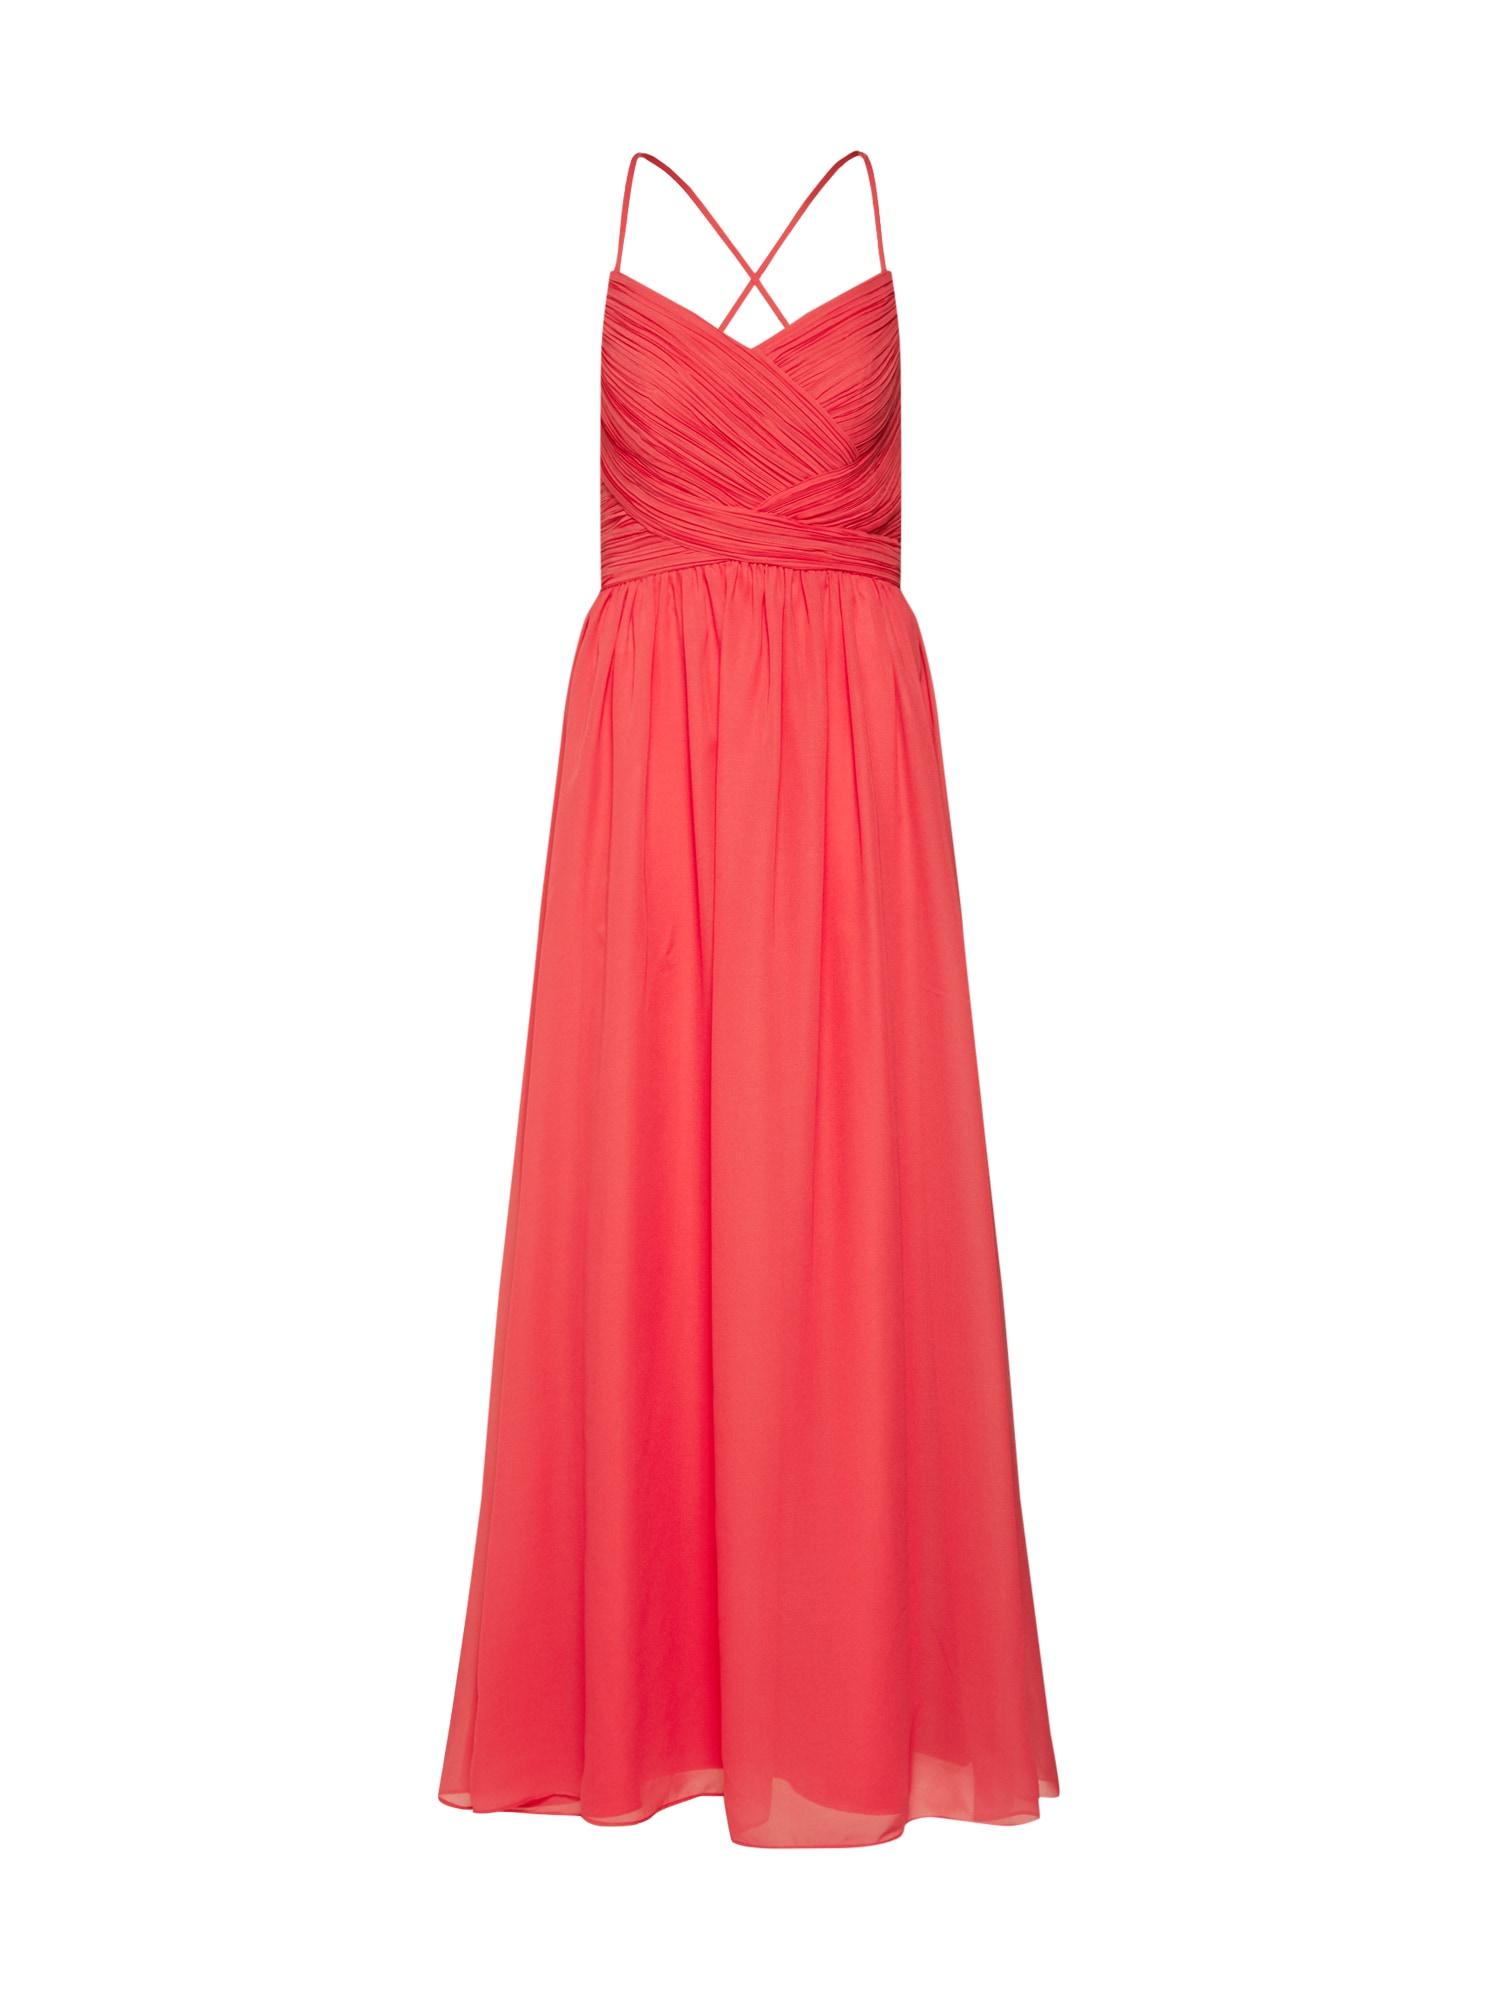 SWING Suknelė oranžinė-raudona